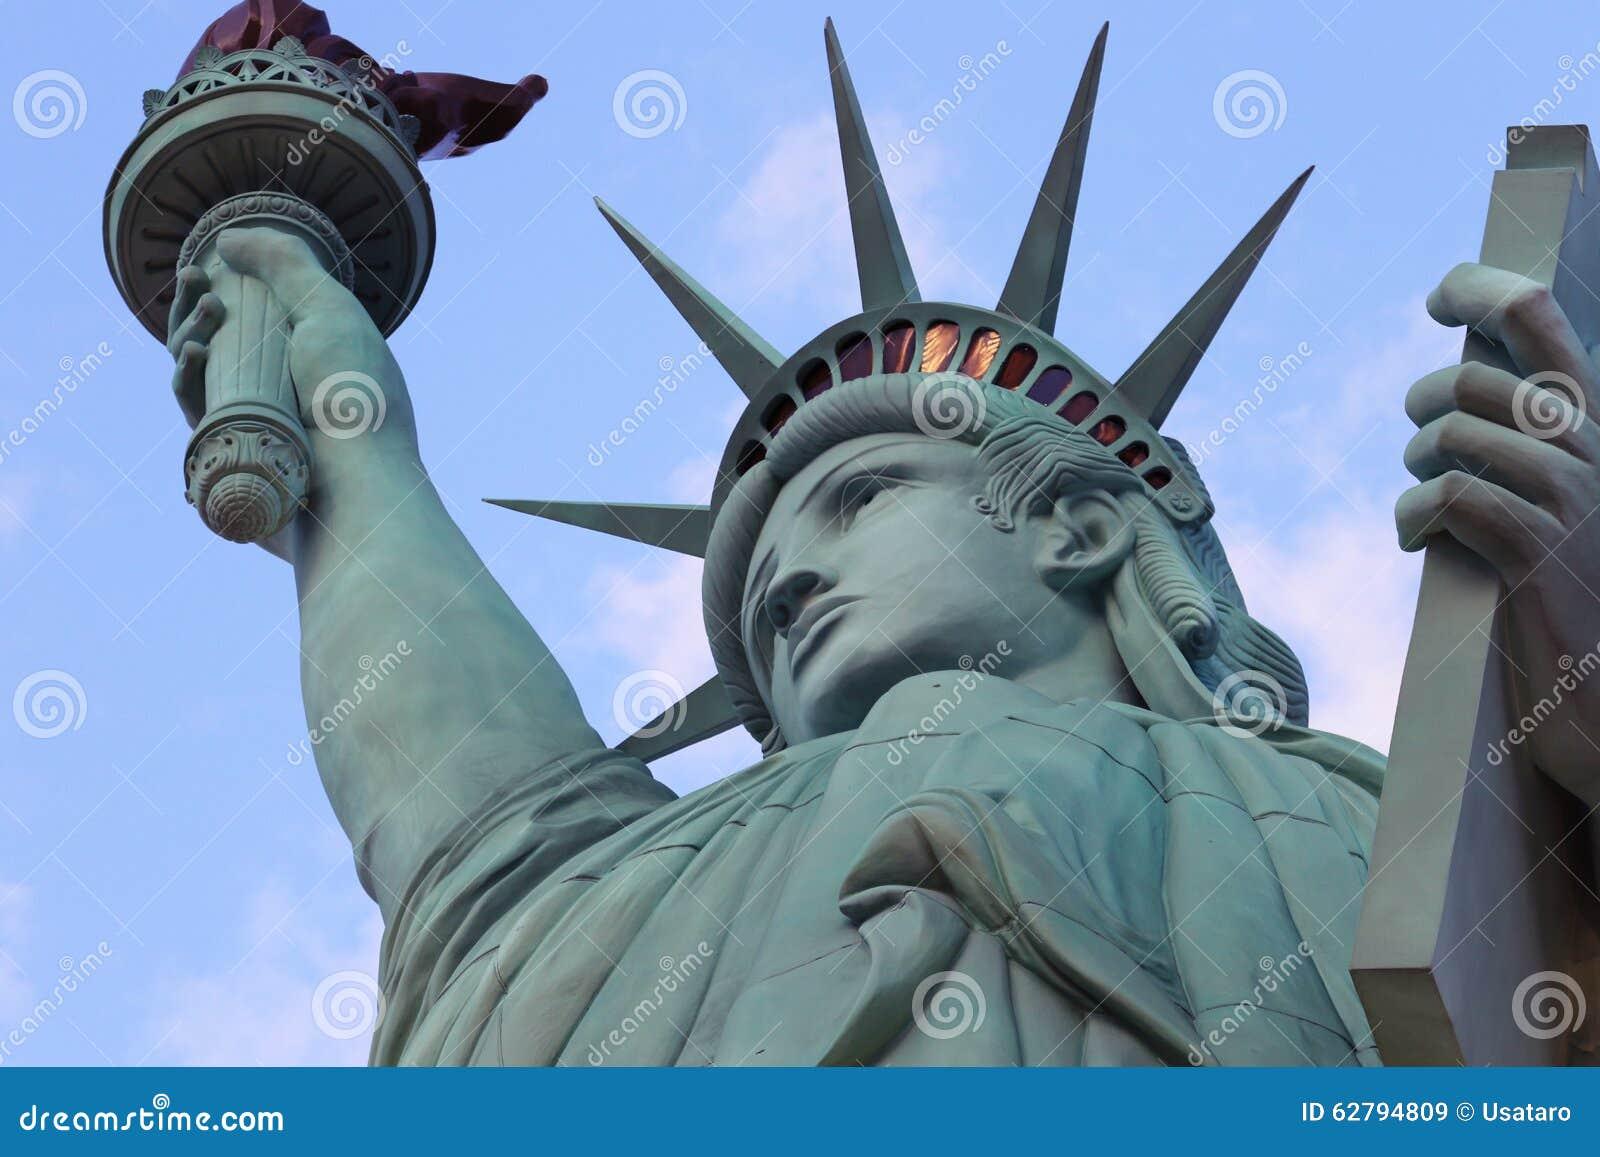 La estatua de la libertad, América, símbolo americano, Estados Unidos, Nueva York